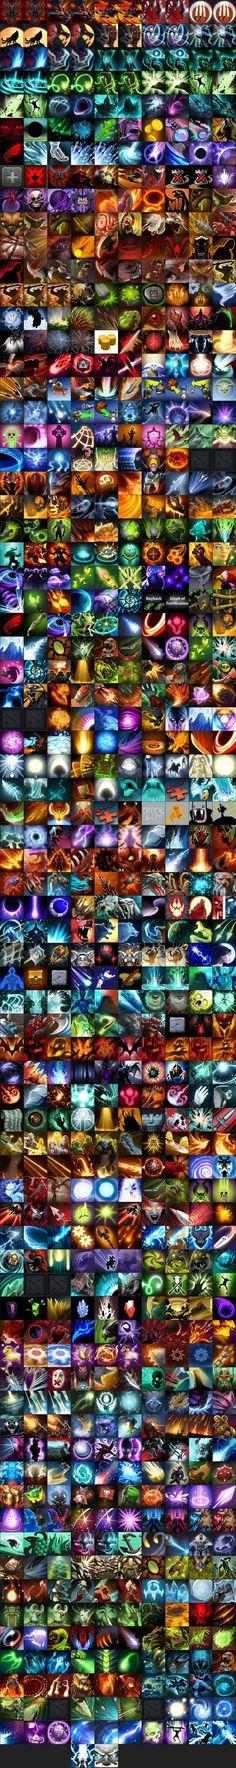 Icon_Game_Skill_Fantasy_DOTA